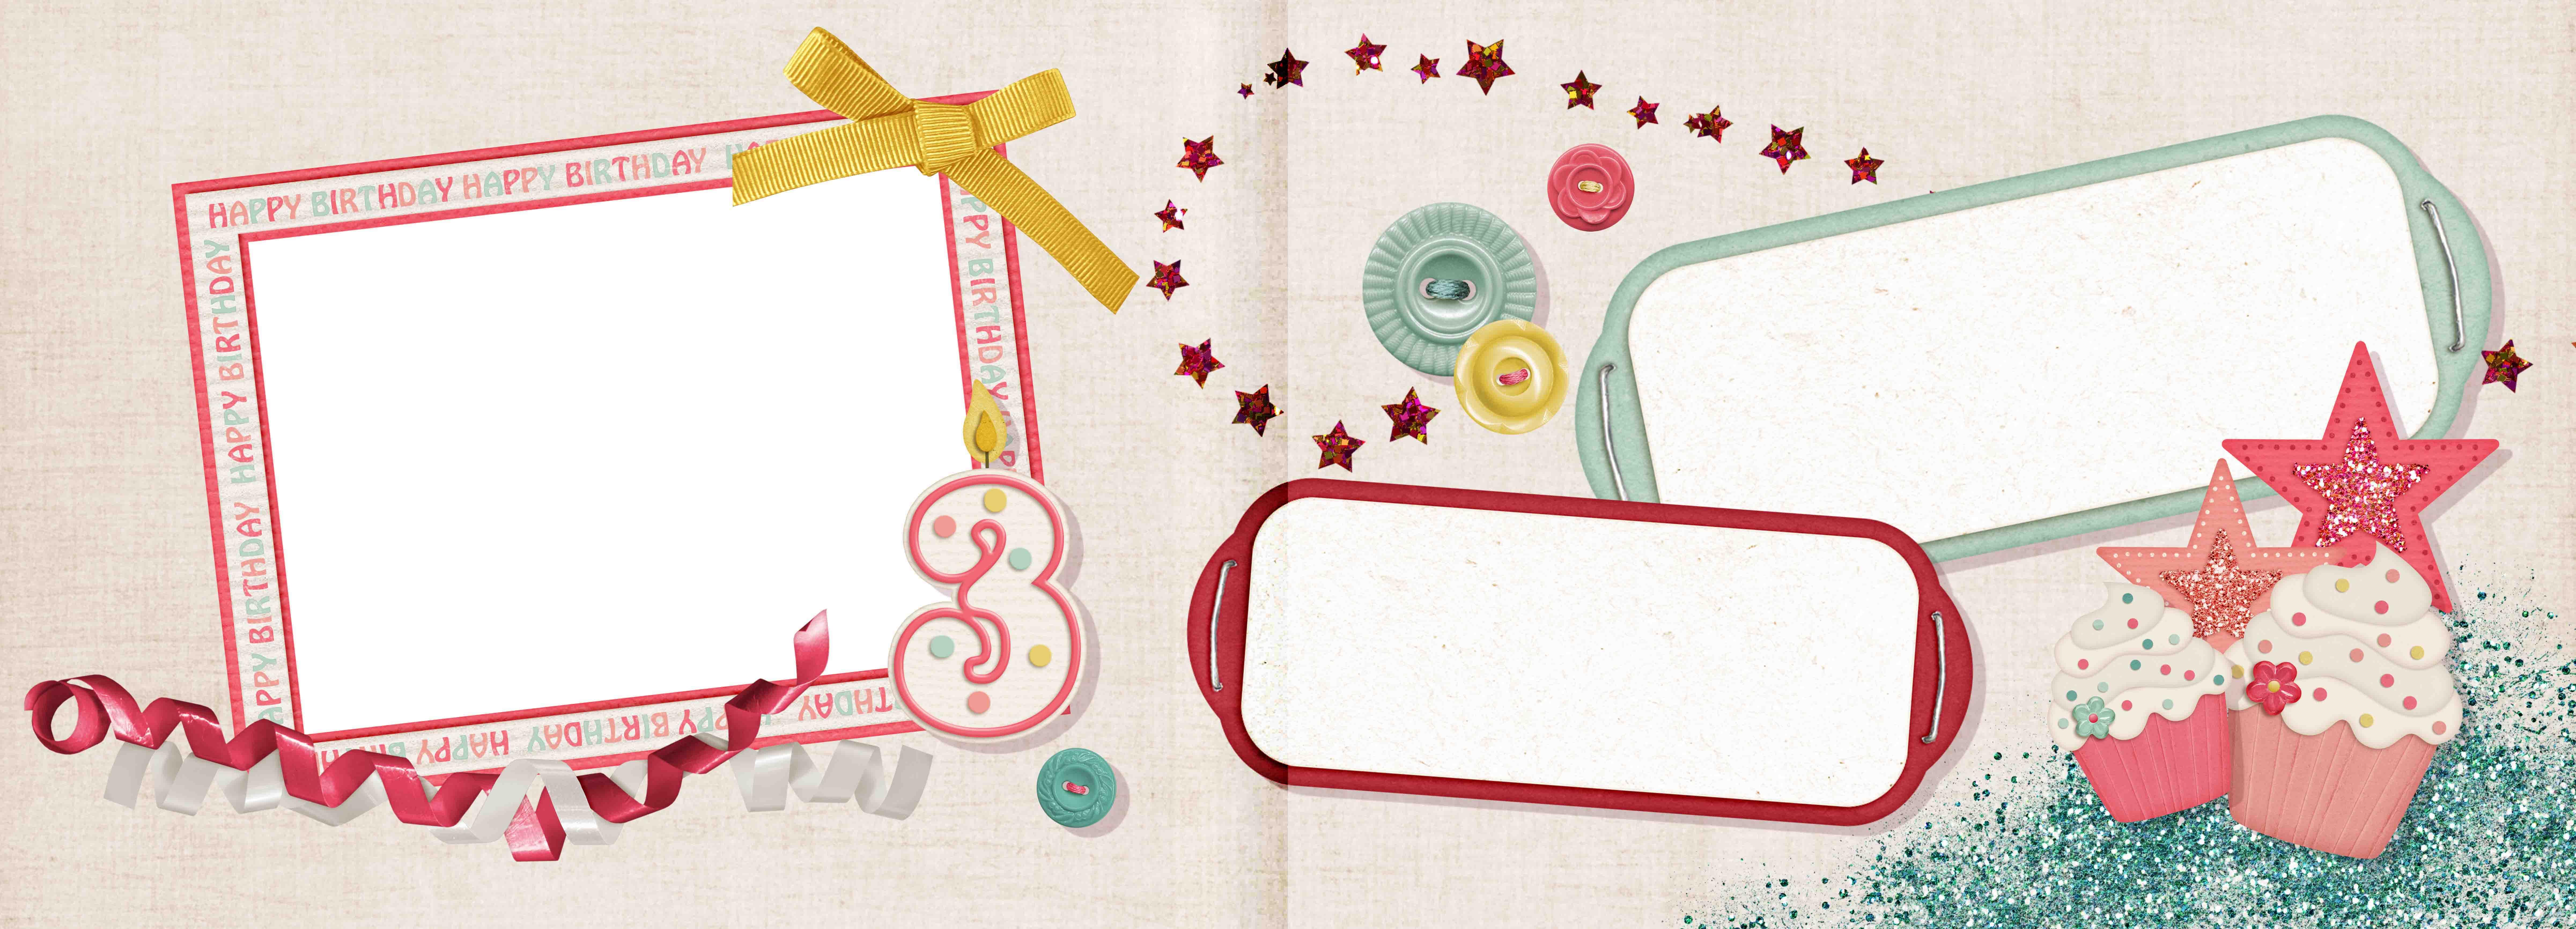 宝宝相册模板 宝宝成长相册 摄影模板 儿童摄影模板 相册模板 周岁